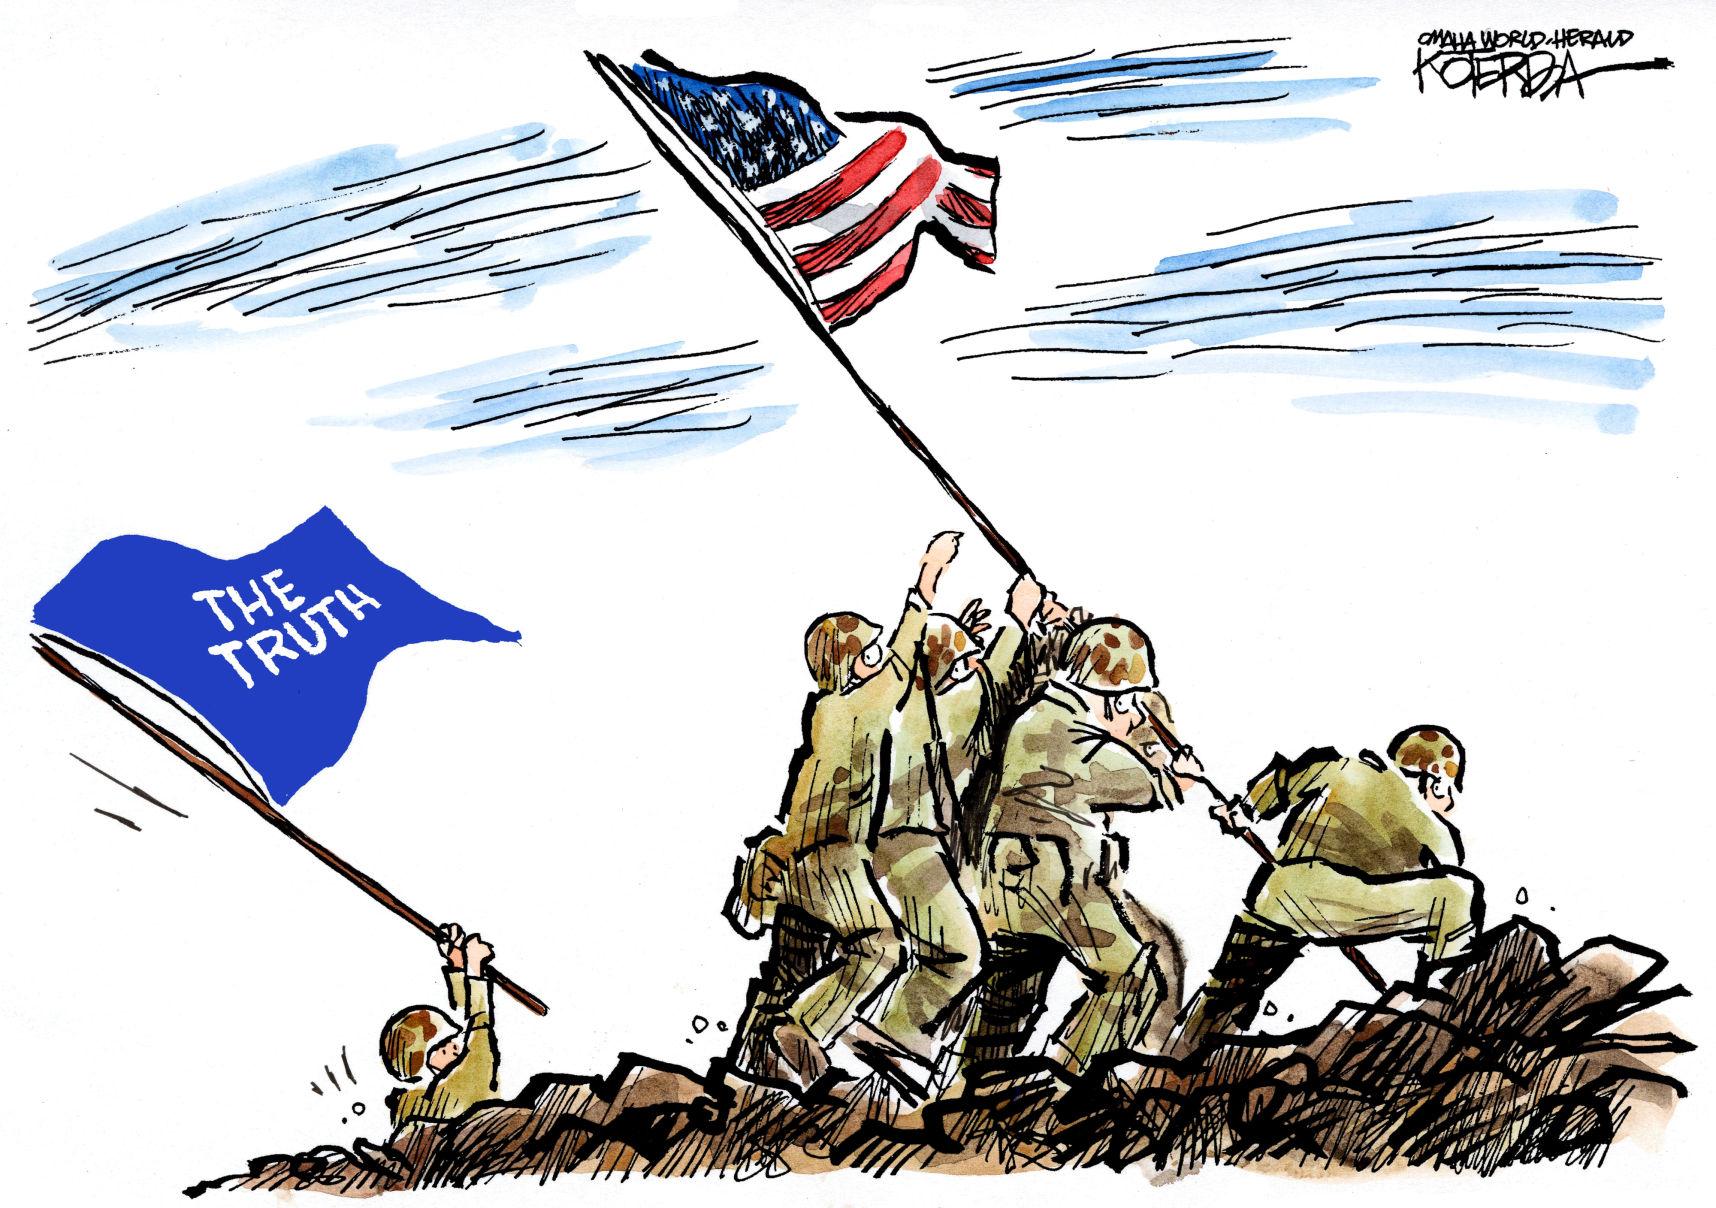 1716x1208 World Herald Editorial Iwo Jima Photo Revelation Reminds Us That